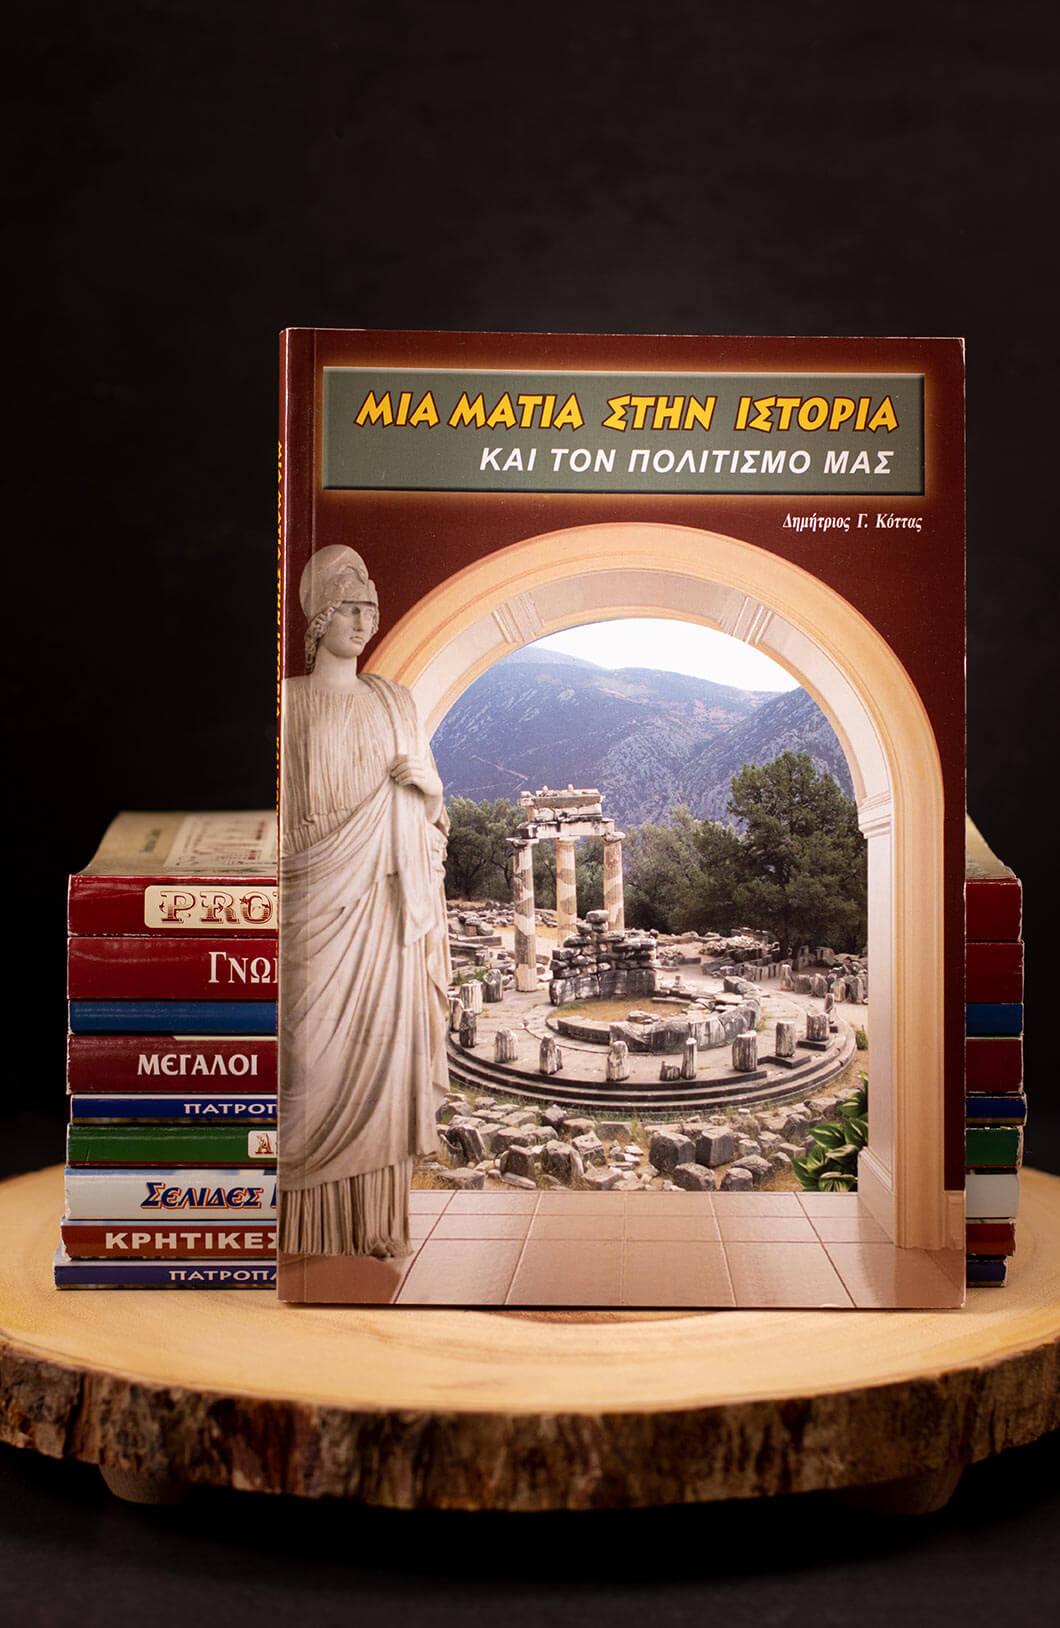 Mia-Matia-Stin-Istoria-Kai-Ton-Politismo-Mas-1